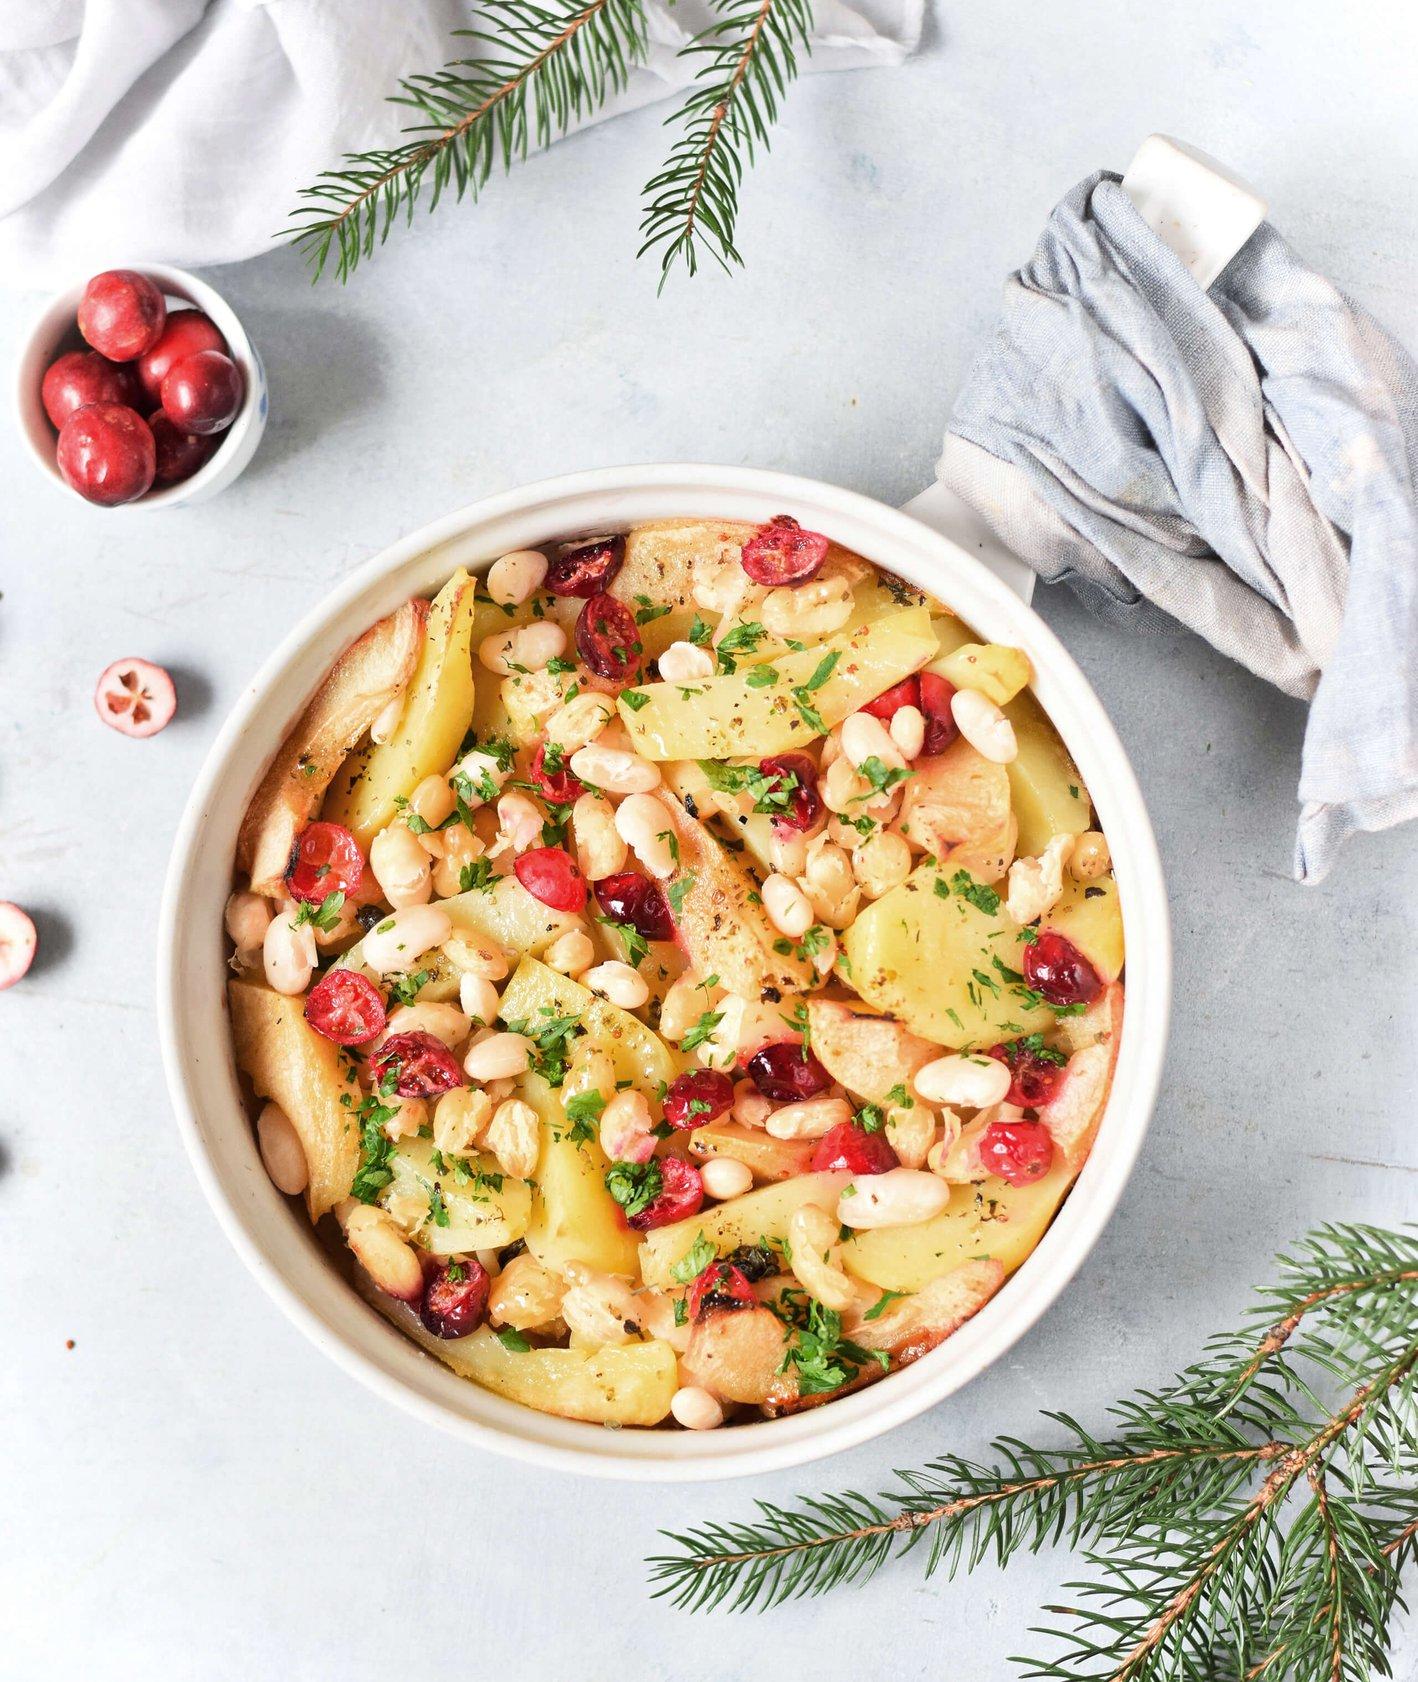 Ziemniaki zapiekane z fasolą, jabłkiem i żurawiną, przepis Anna Szewczak